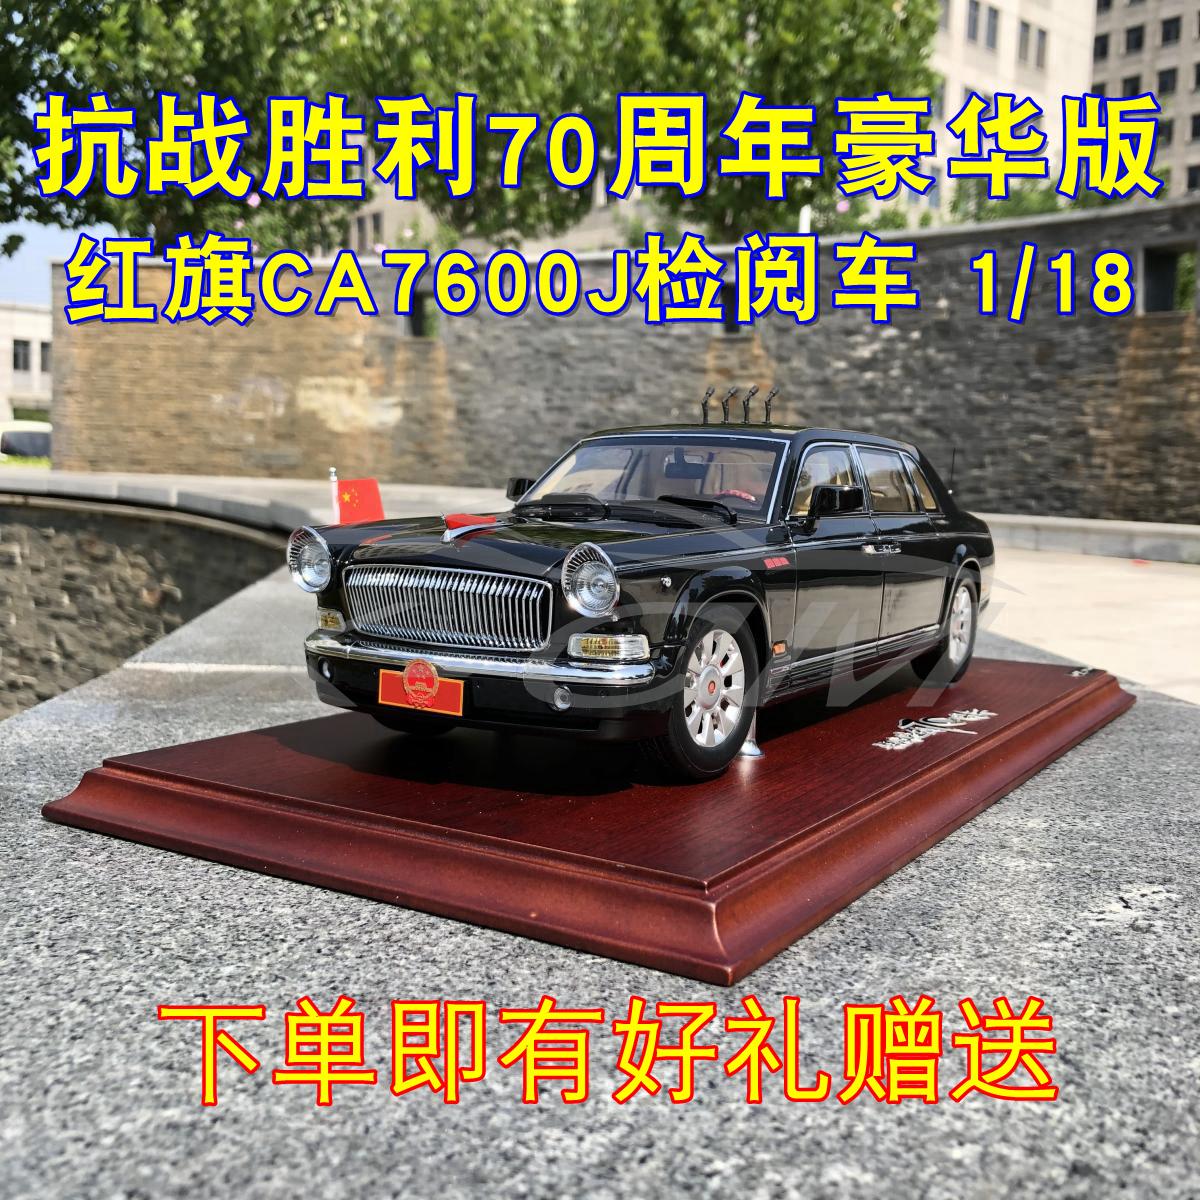 世纪龙红旗CA7600J阅兵车检阅车 抗战胜利70周年1:18合金汽车模型